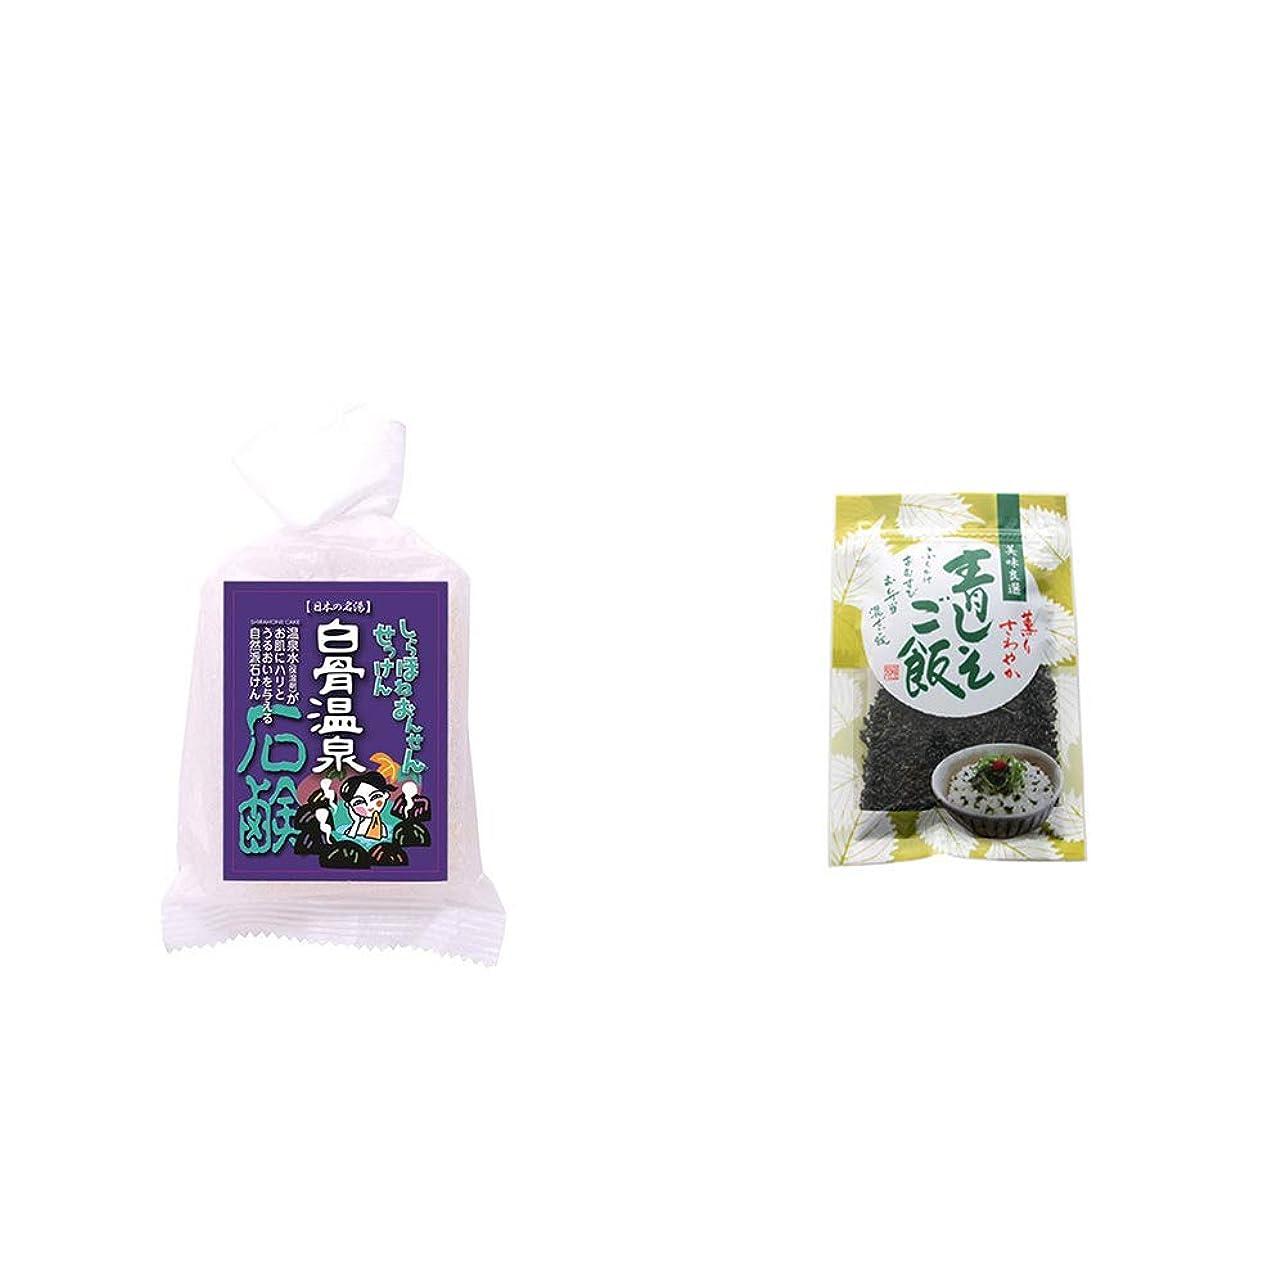 選択するカウントアップ選択する[2点セット] 信州 白骨温泉石鹸(80g)?薫りさわやか 青しそご飯(80g)